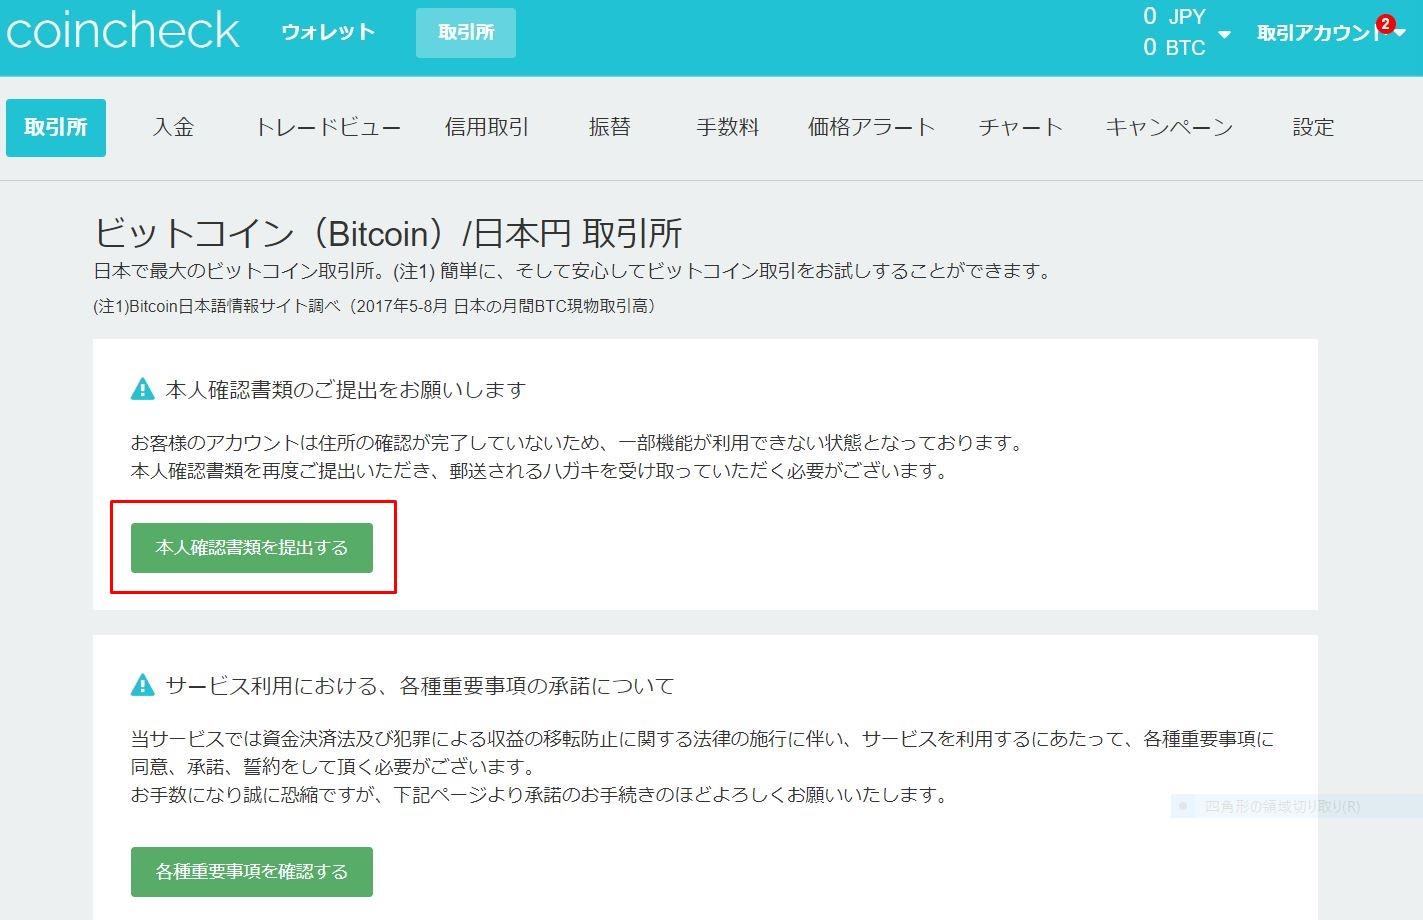 コインチェックでの日本円入金方法!仮想通貨の買い方(ビットコイン、イーサリアム、リップルetc) - かわたひできブログ